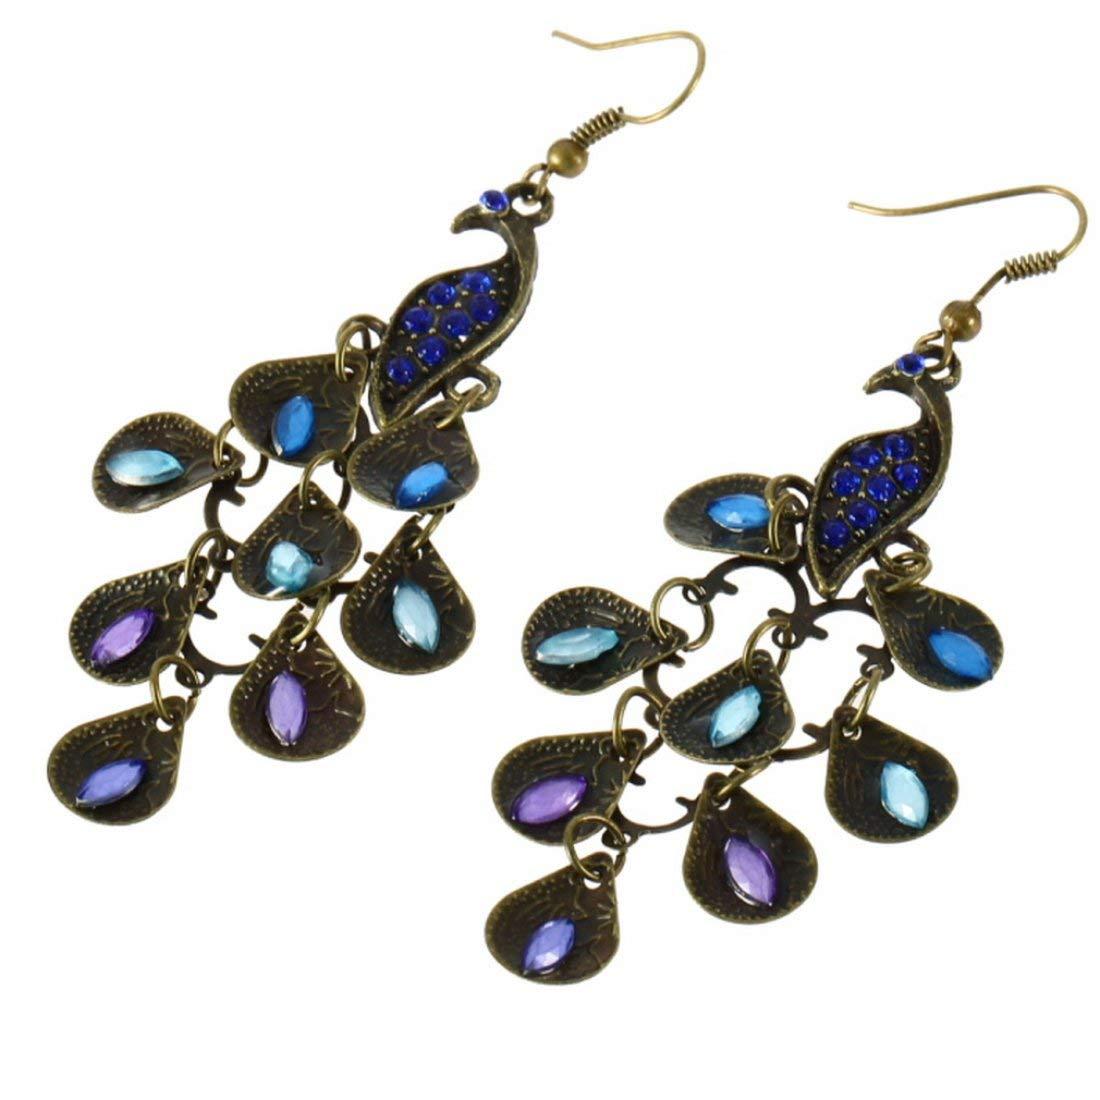 Pendente lungo donna stile bohemien Vintage Retro Orecchini blu pavone Facile abbinare i vestiti adatti per le feste Formulaone